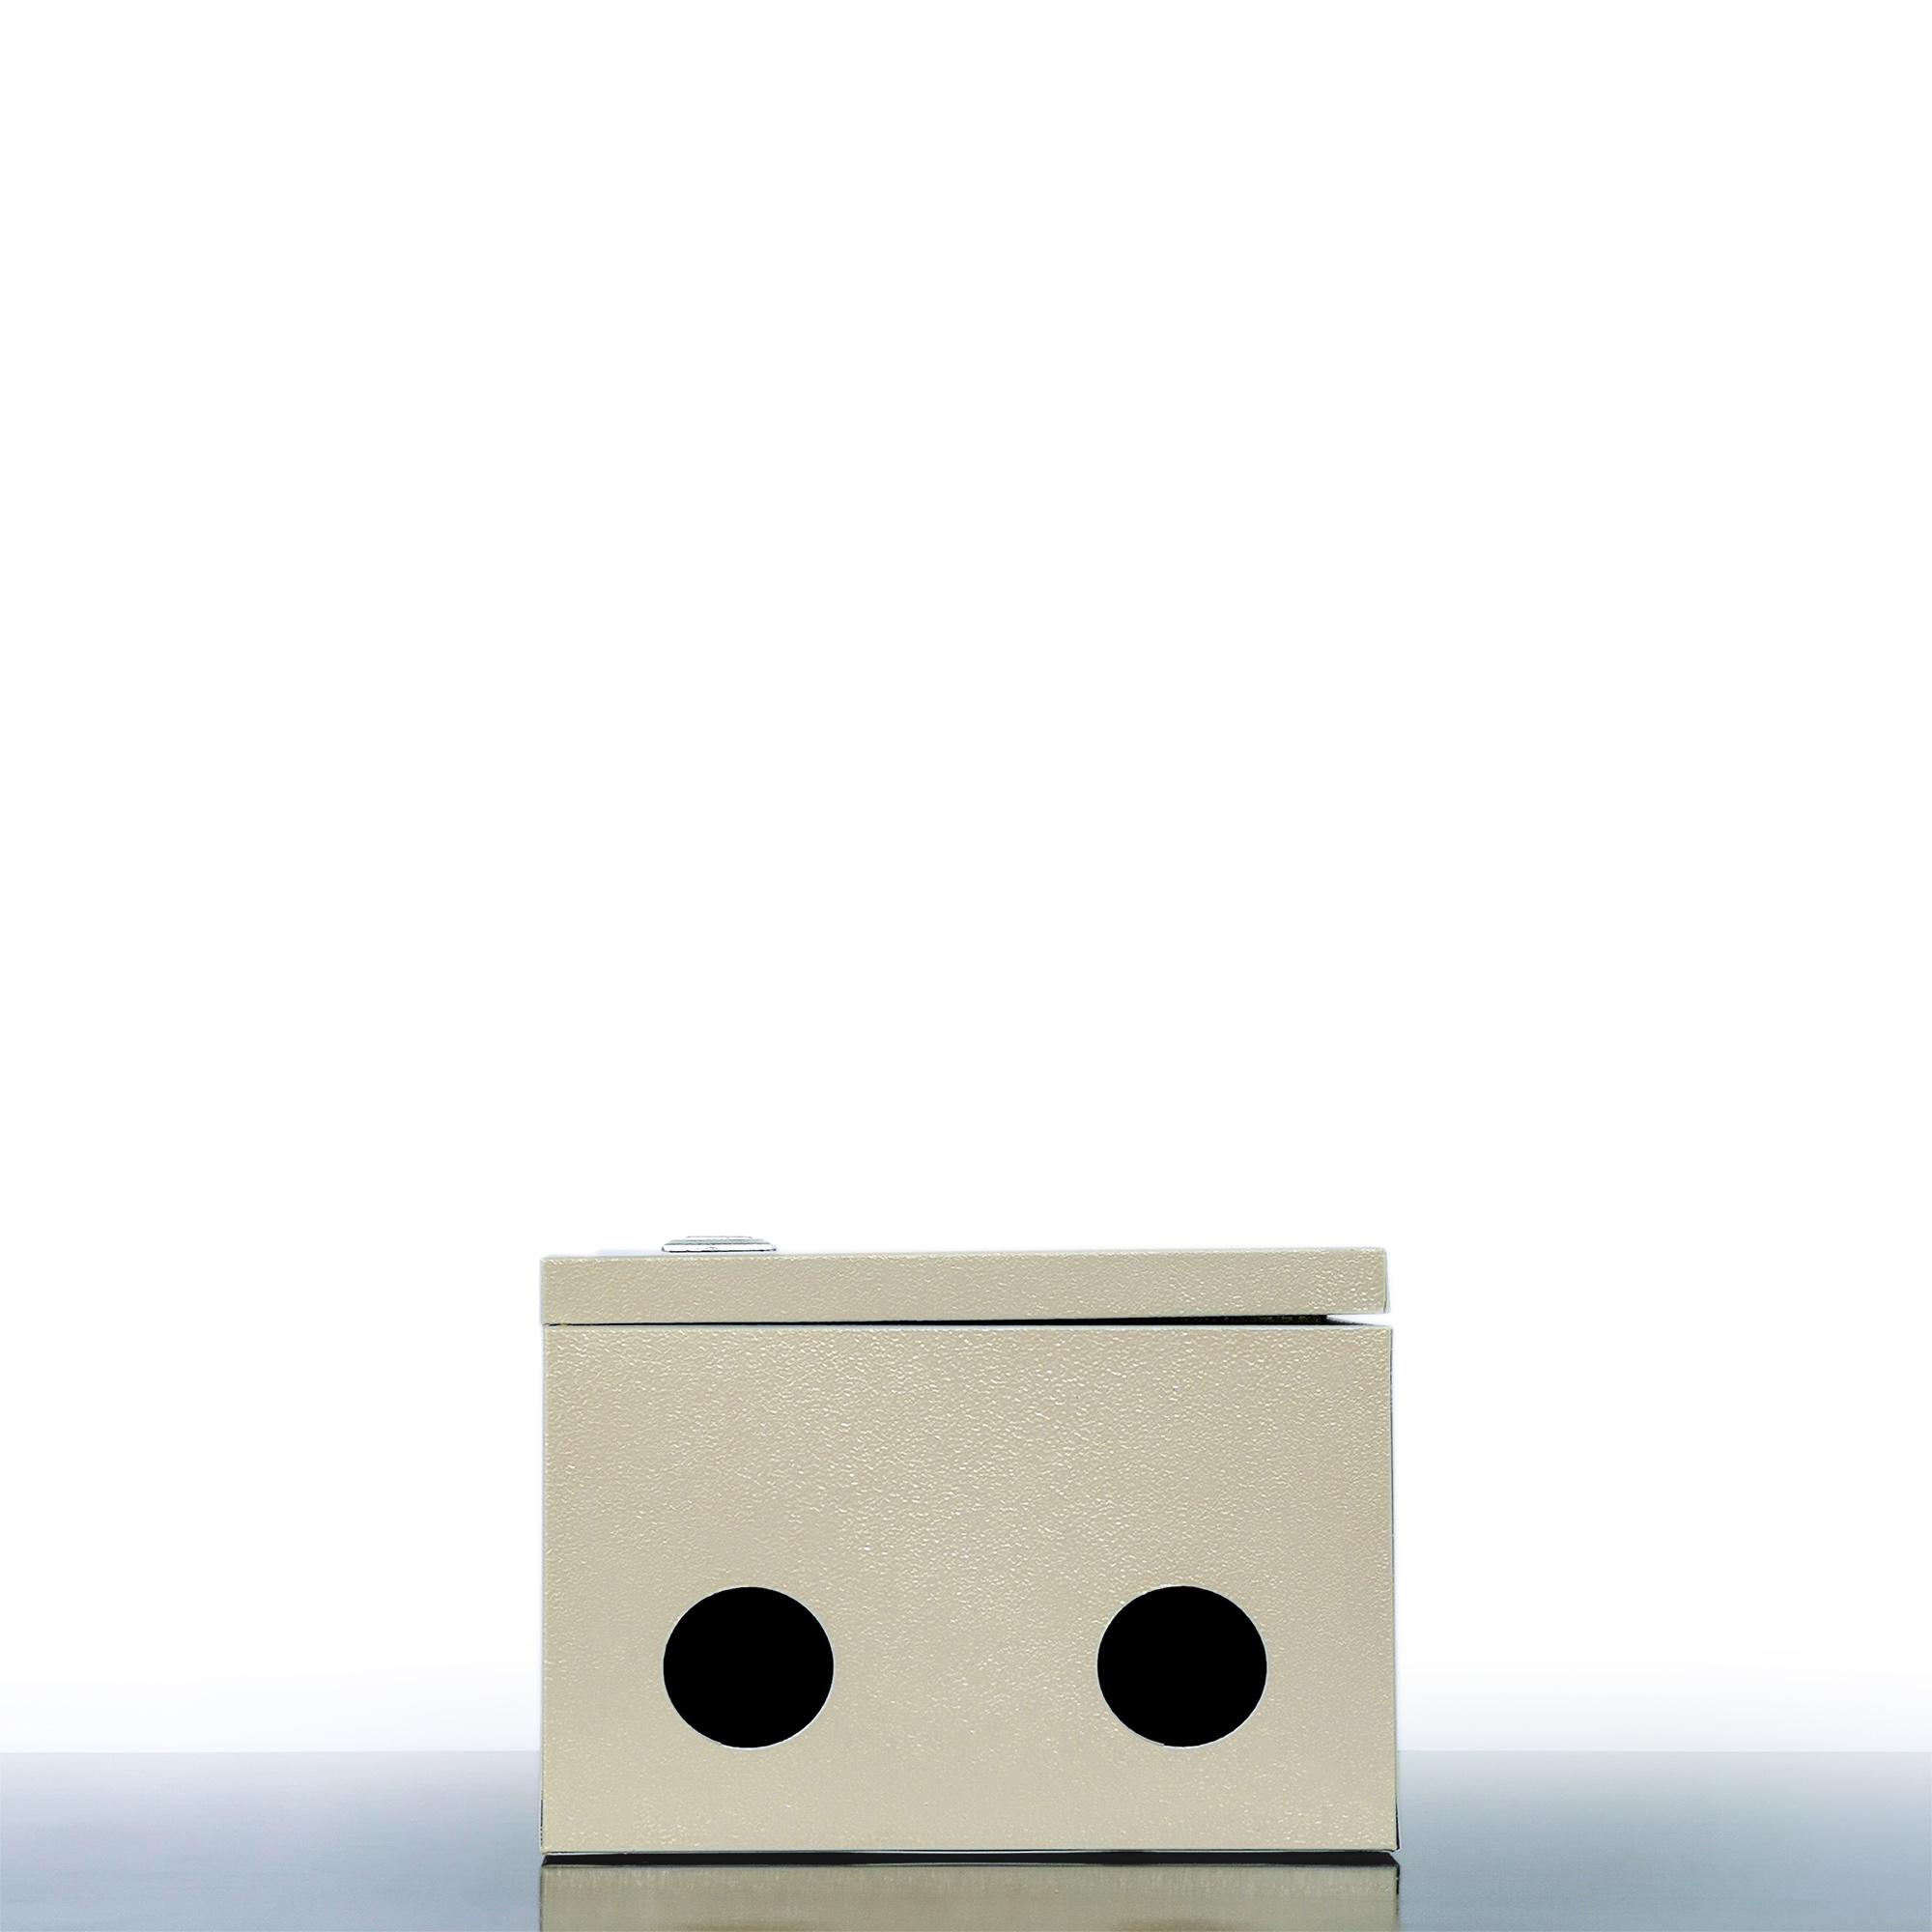 VỎ TỦ ĐIỆN SẮT - MÀU KEM (30x40x20 cm)